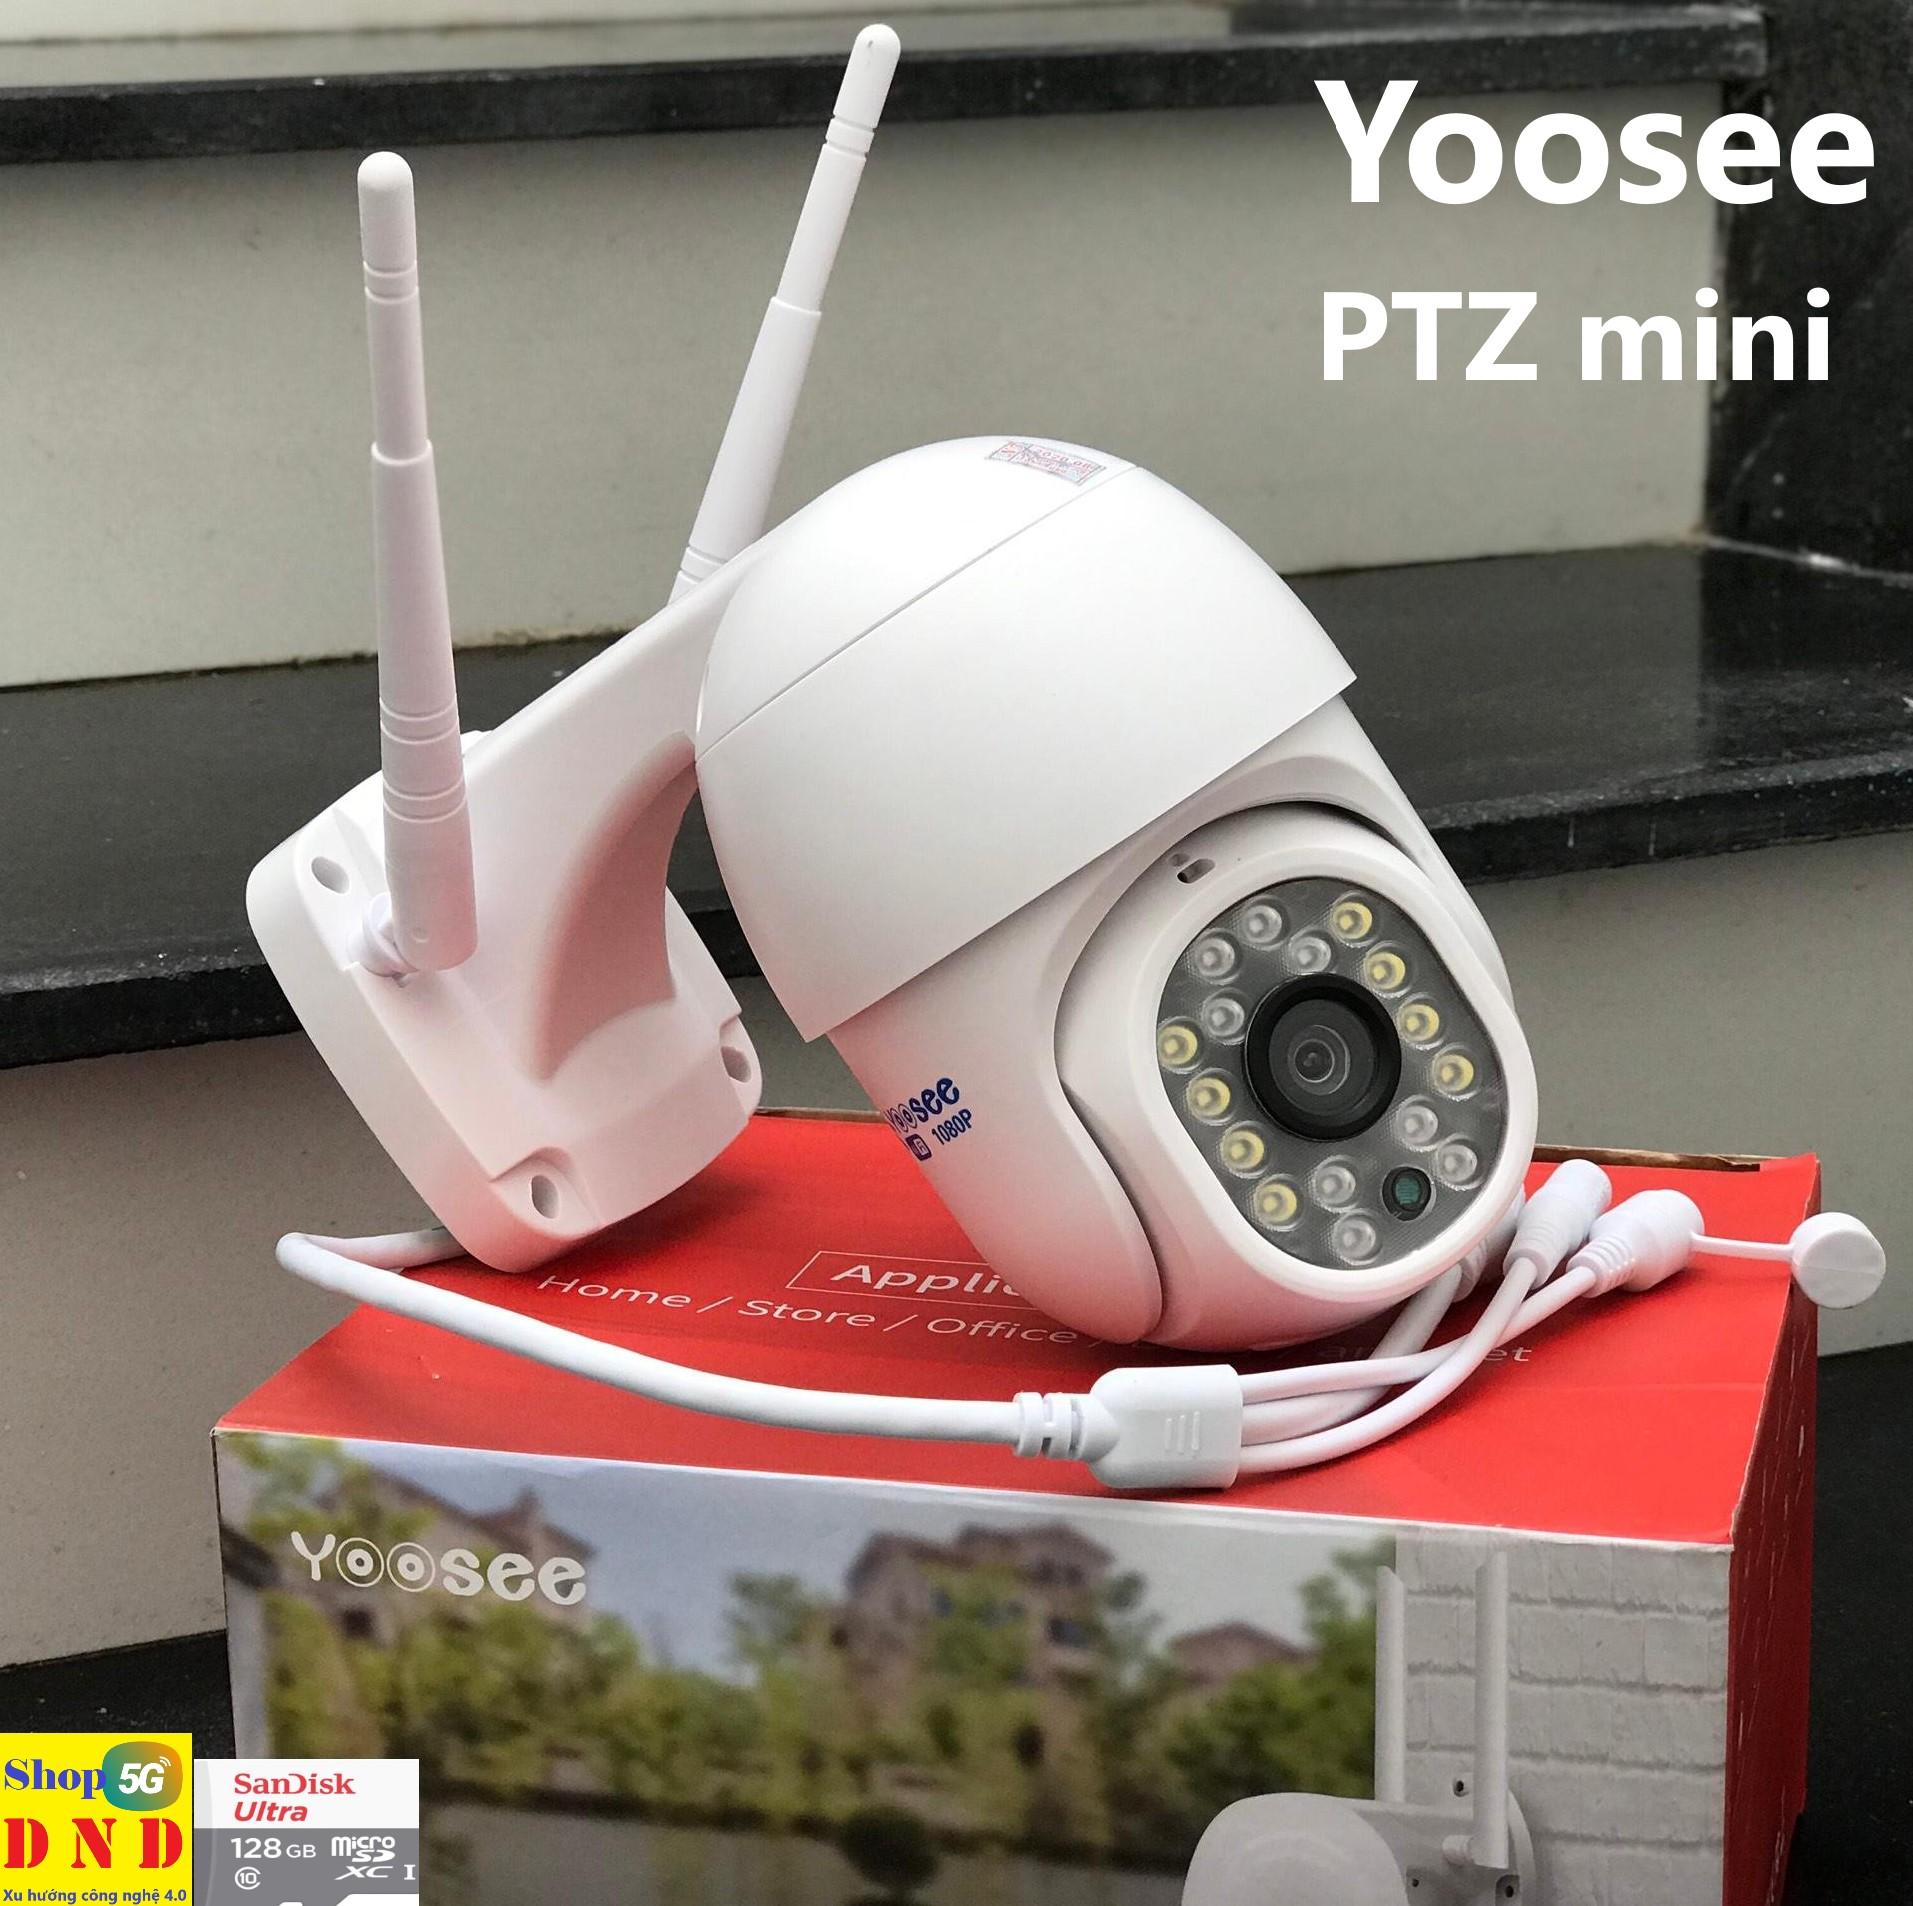 Camera PTZ IP Wifi ngoài trời 2.0Mpx FullHD-1080P Yoosee siêu mini 16 led - Shop5G DND hỗ trợ cài đặt - Cam kết chính hãng, (Kèm thẻ 128GB, 64GB,.. tự chọn)